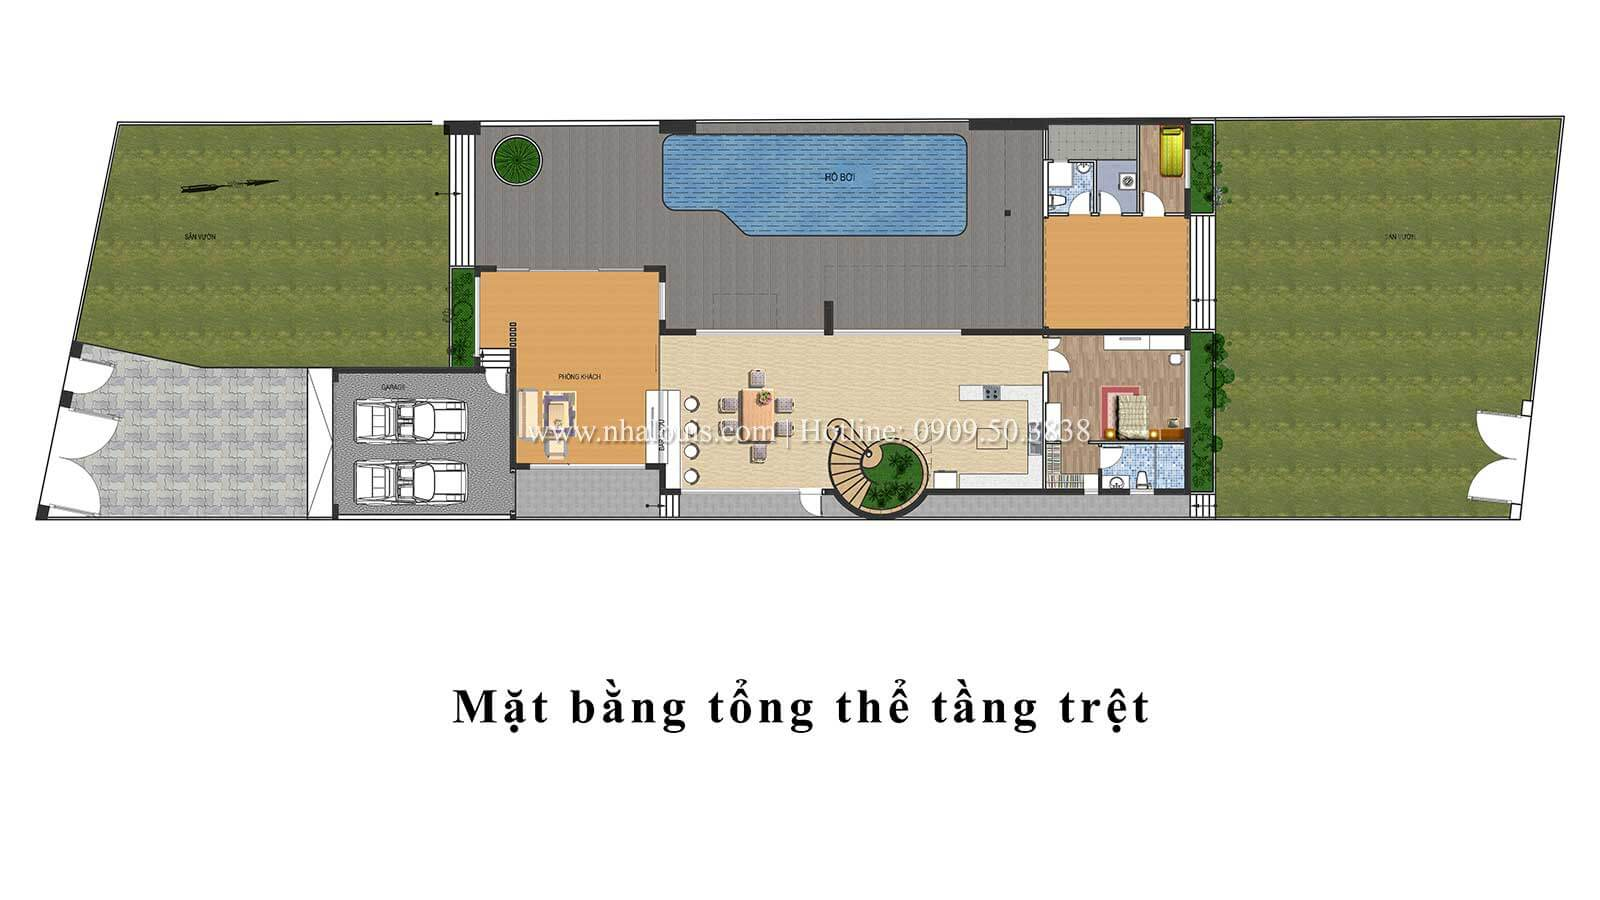 Thiết kế mẫu biệt thự 3 tầng hiện đại cực chất tại Quận 12 - 10